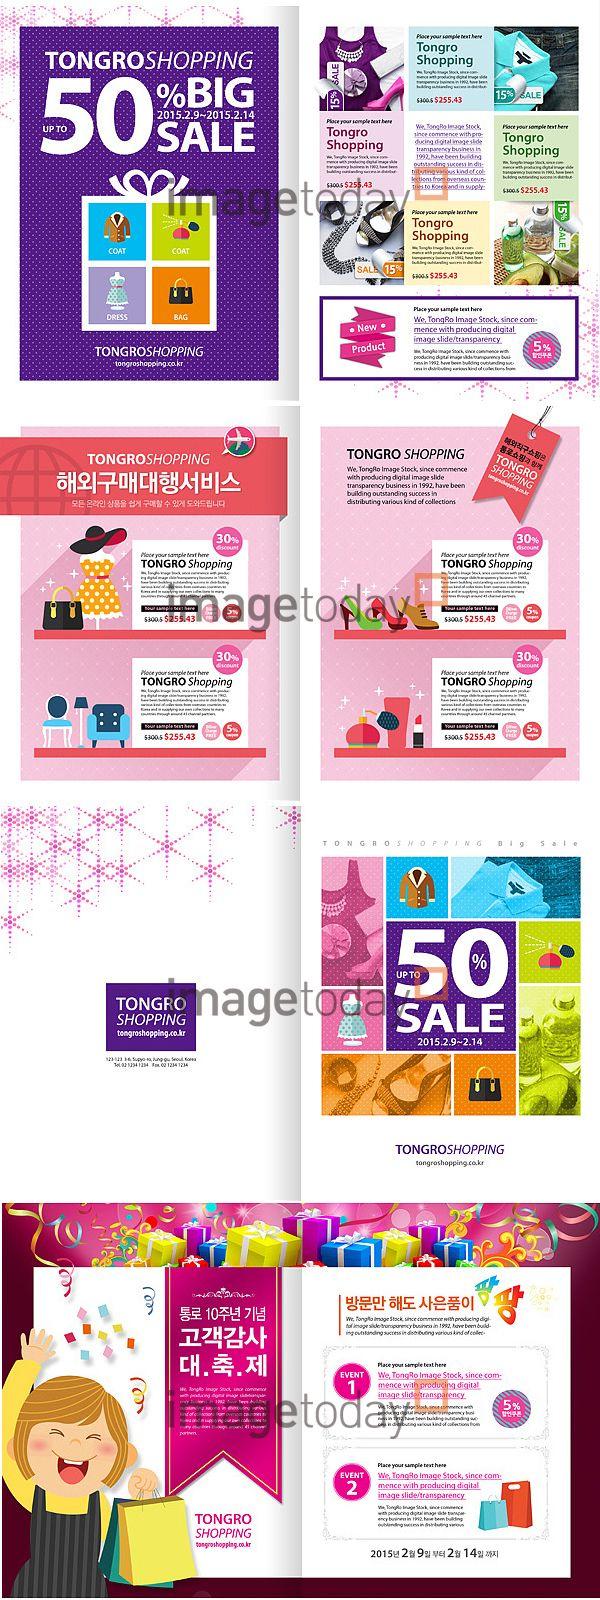 이미지투데이 디자인소스 편집디자인 리플렛 브로슈어 이벤트 패션 팸플릿 합성이미지 합성 쇼핑 뷰티 imagetoday designsource editorial design leaflet brochure event fashion pamphlet composition beauty shopping